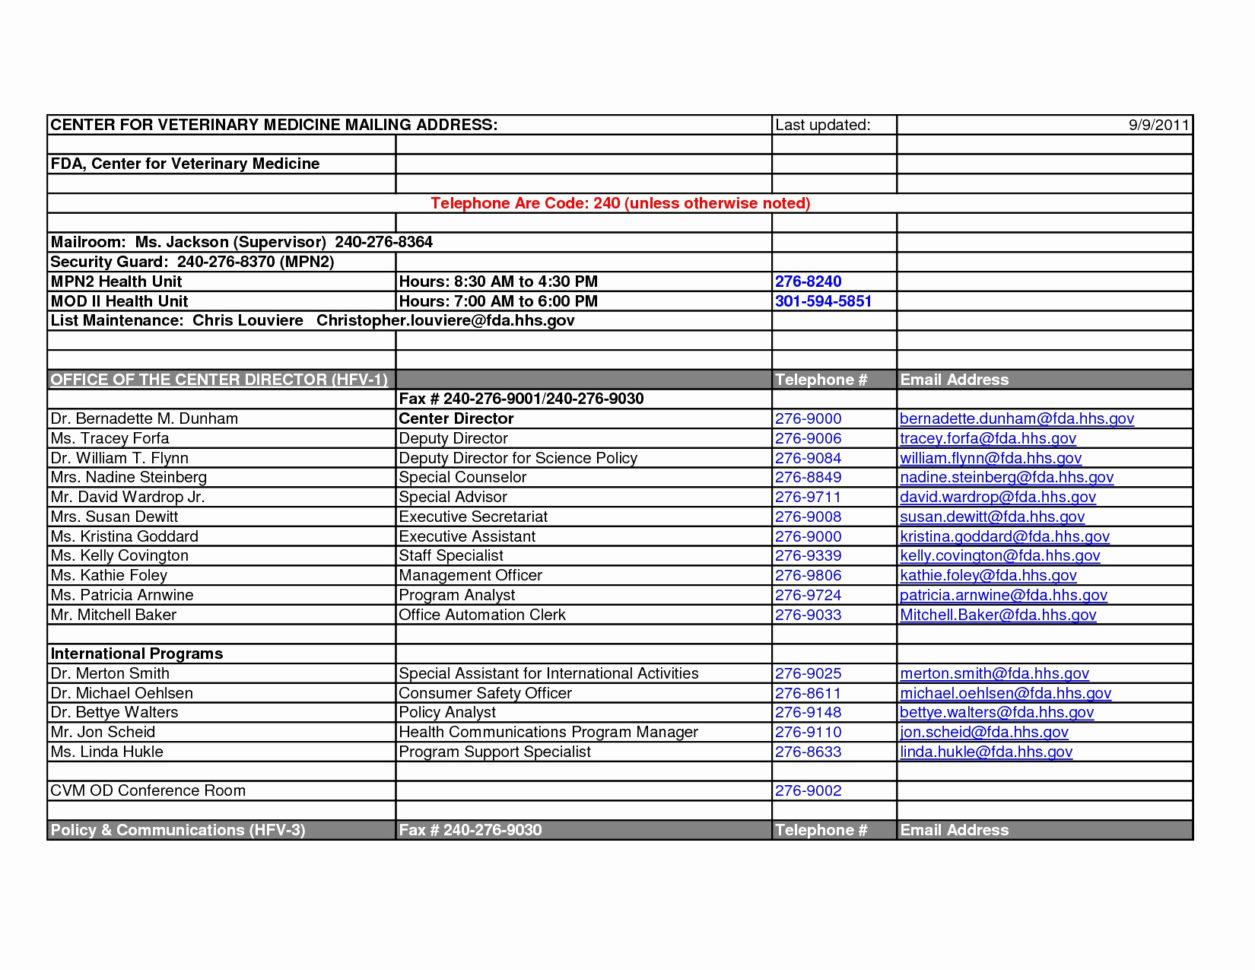 Online Spreadsheet No Login With Regard To Online Spreadsheet No Login  Spreadsheet Collections